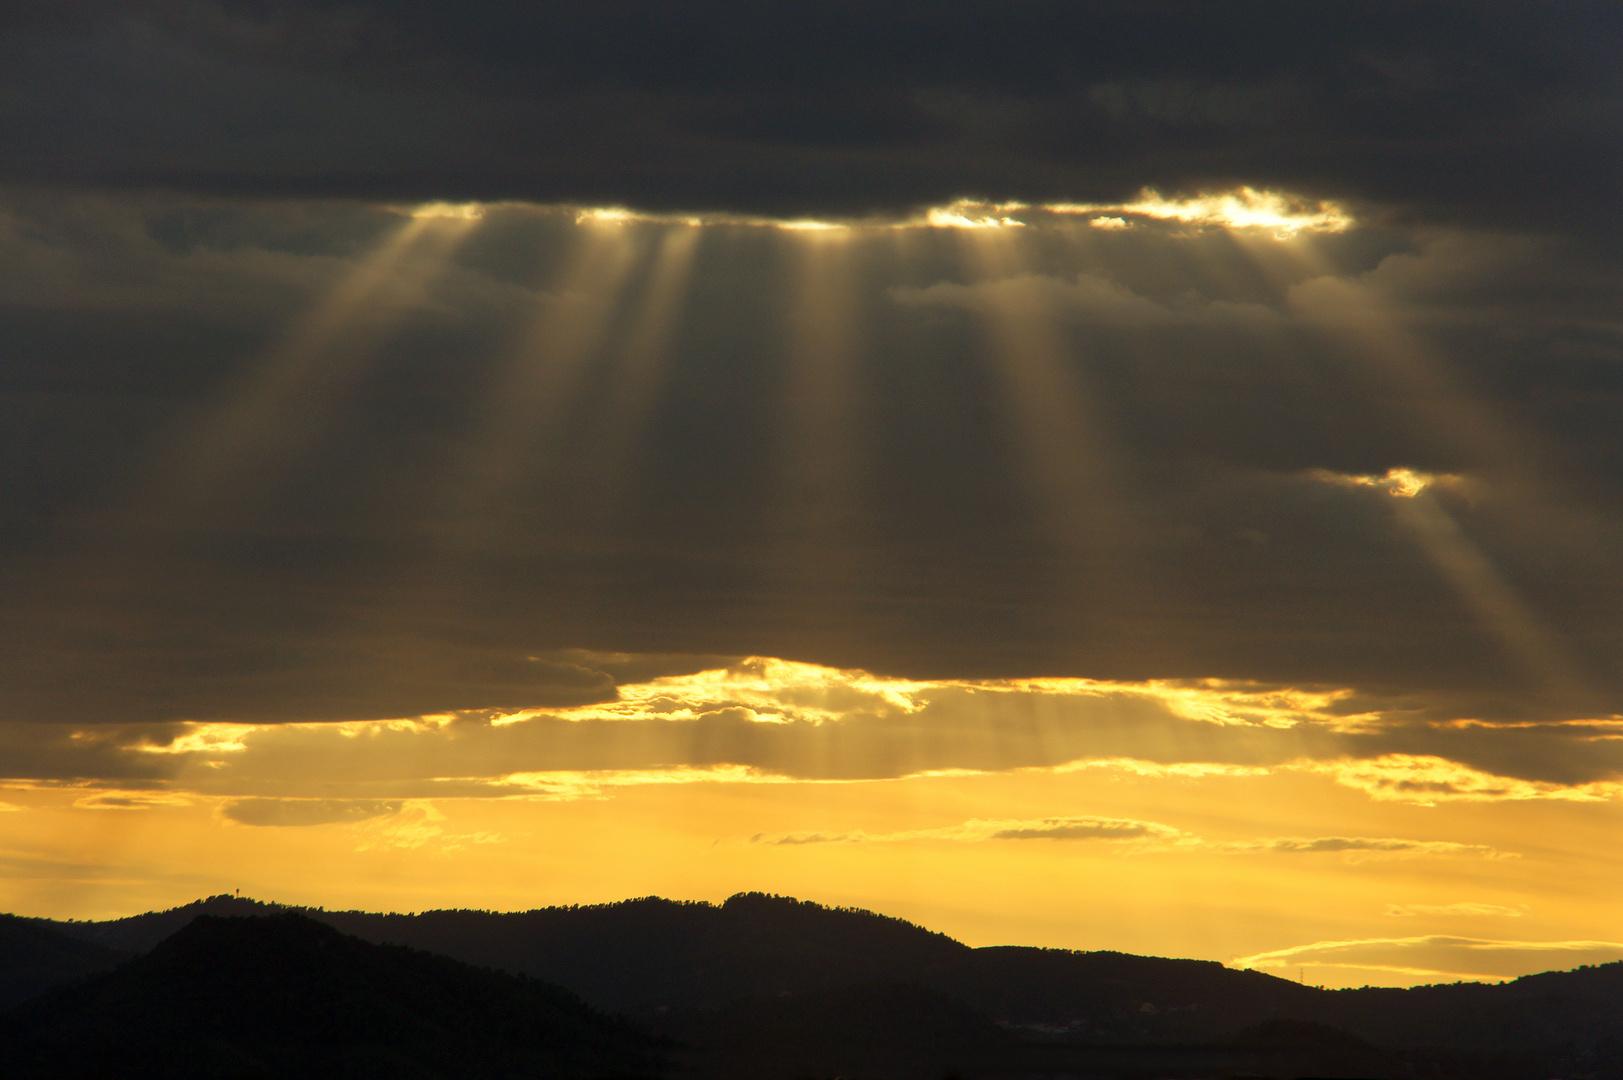 Después de la oscuridad, siempre llega la luz!